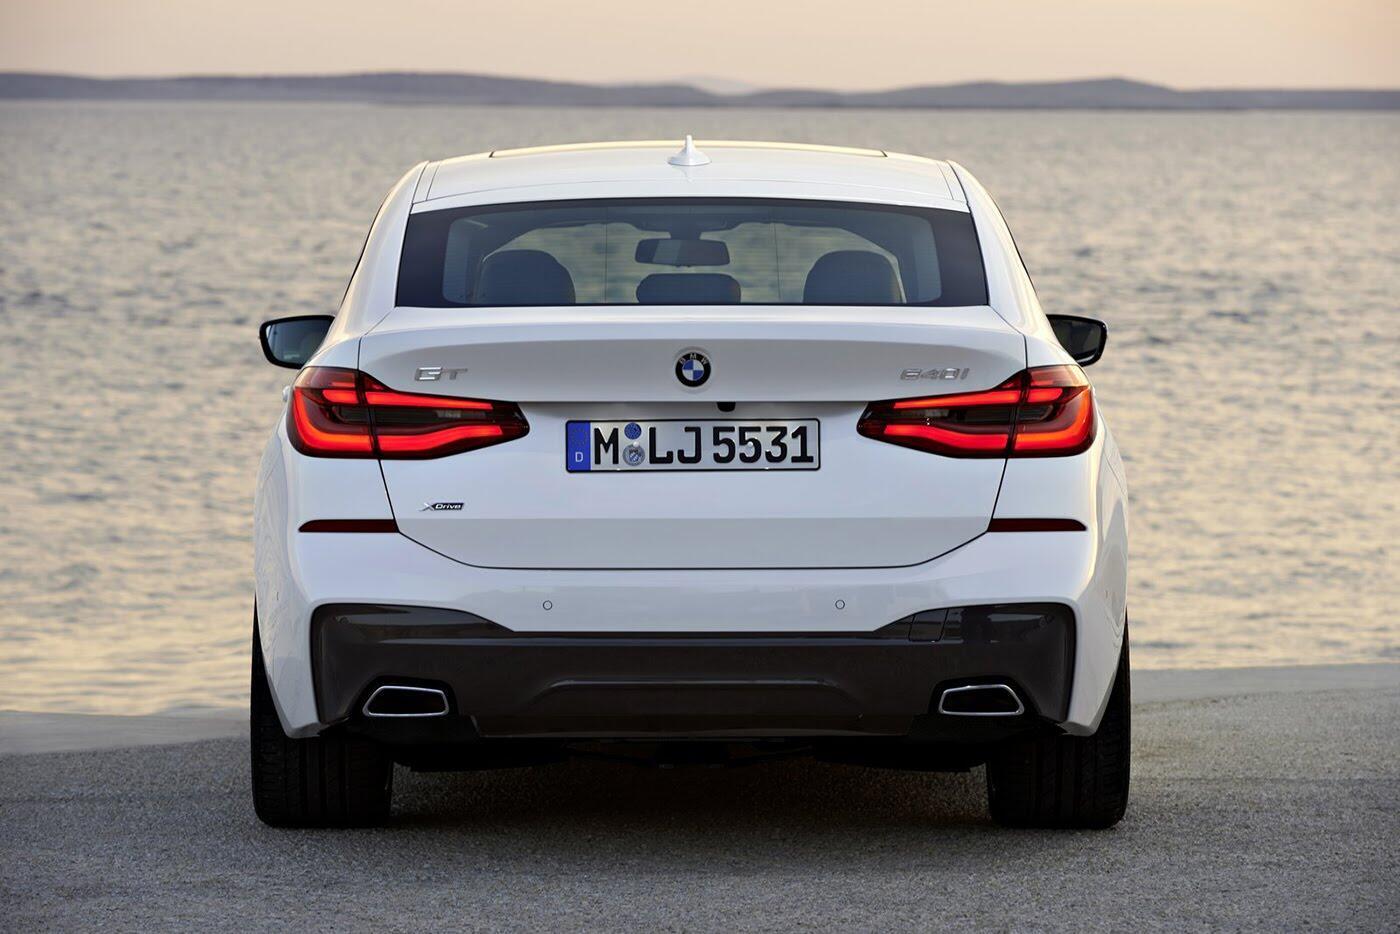 Xem thêm ảnh BMW 6-Series Gran Turismo 2018 - Hình 4